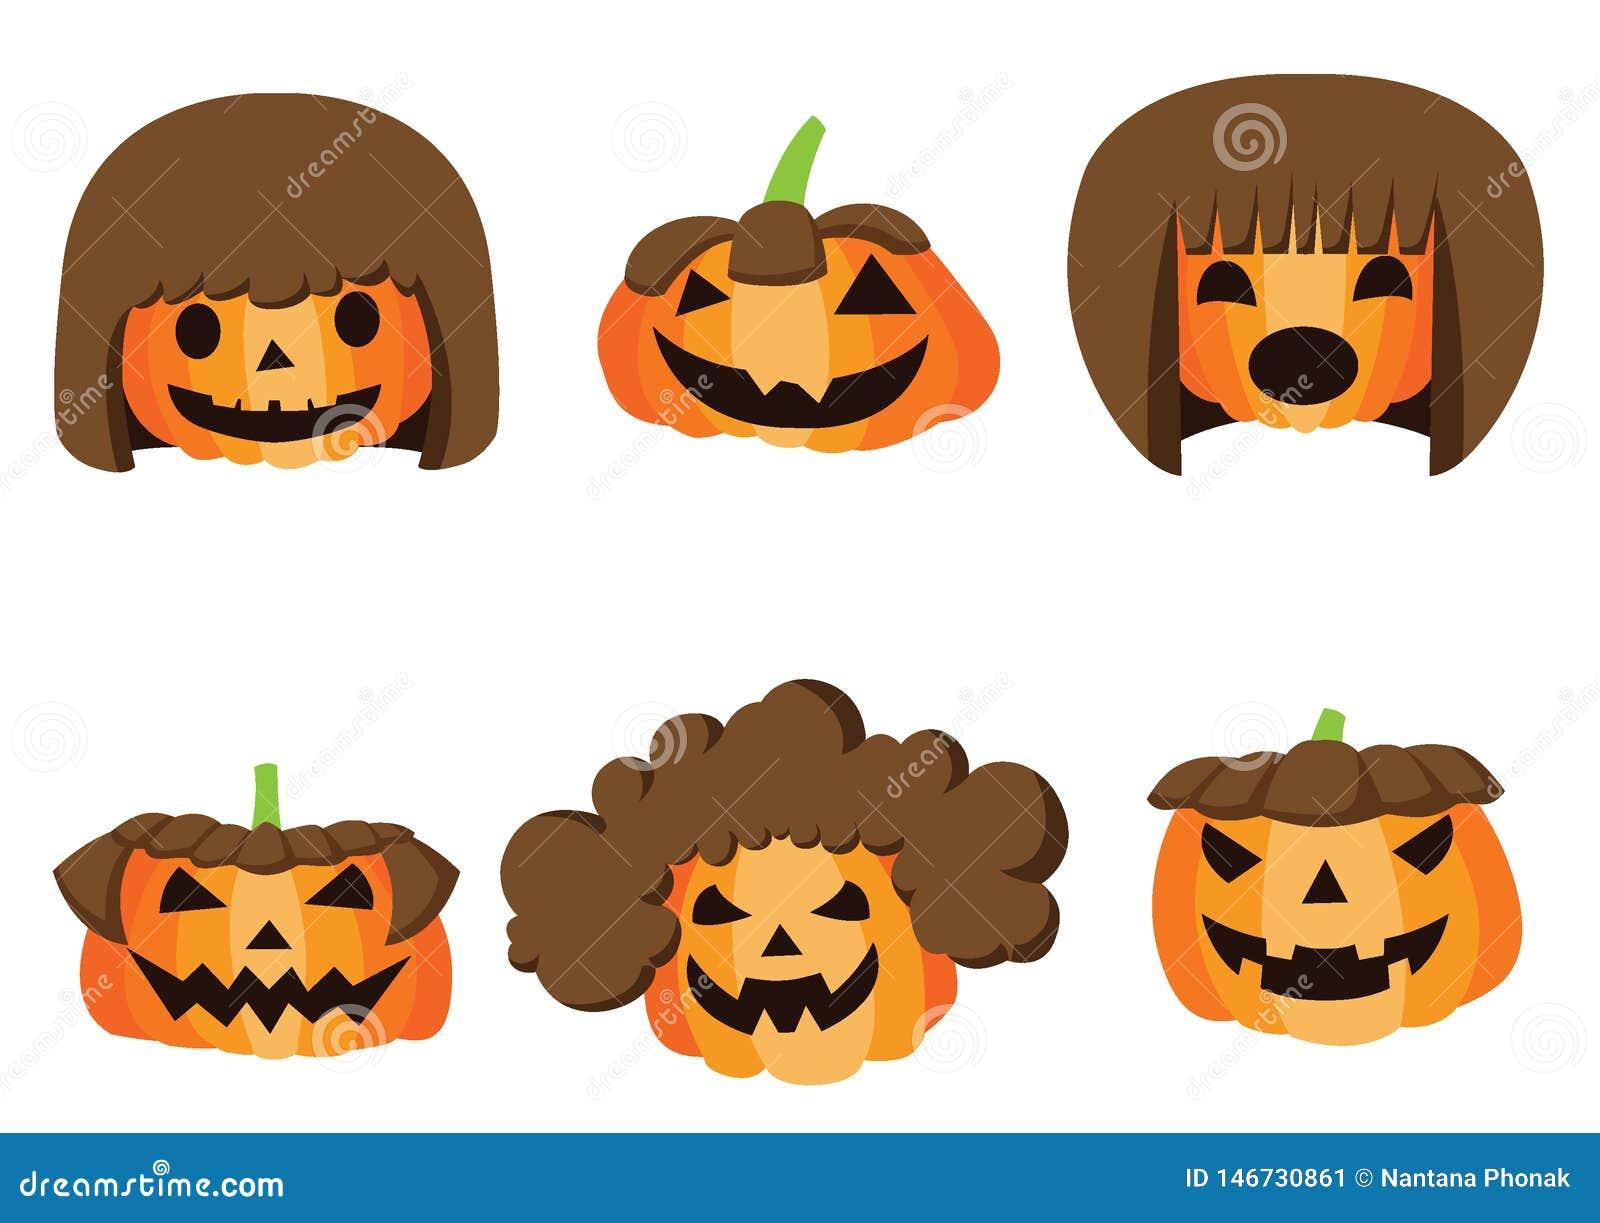 Dyniowej fryzury Halloweenowy projekt na białym tło ilustracji wektorze